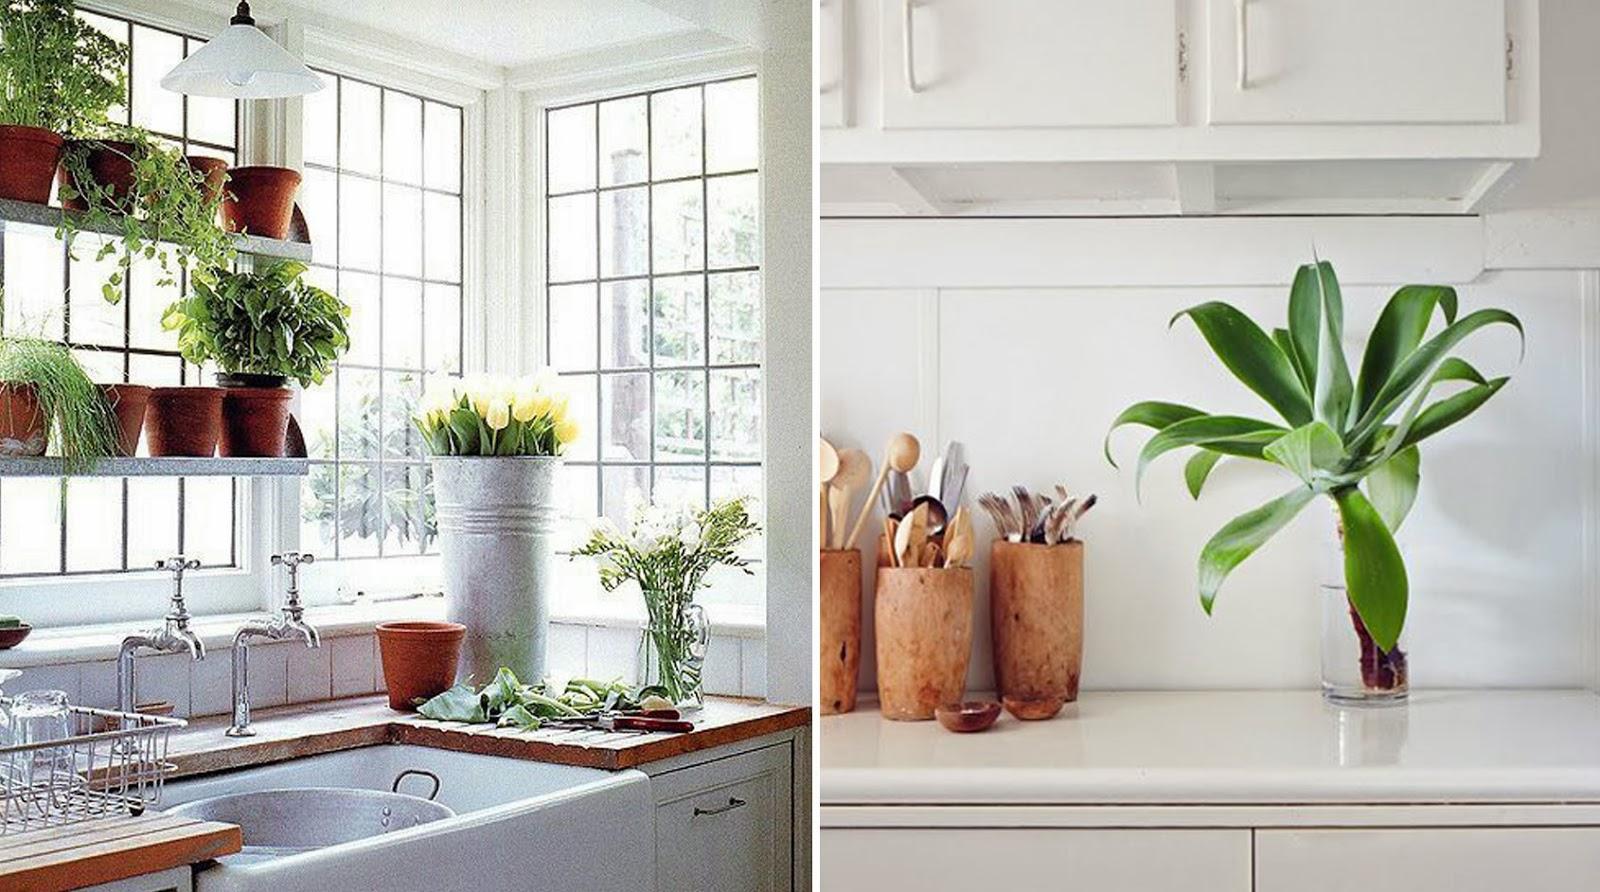 cocinar con plantas_ameiseblog